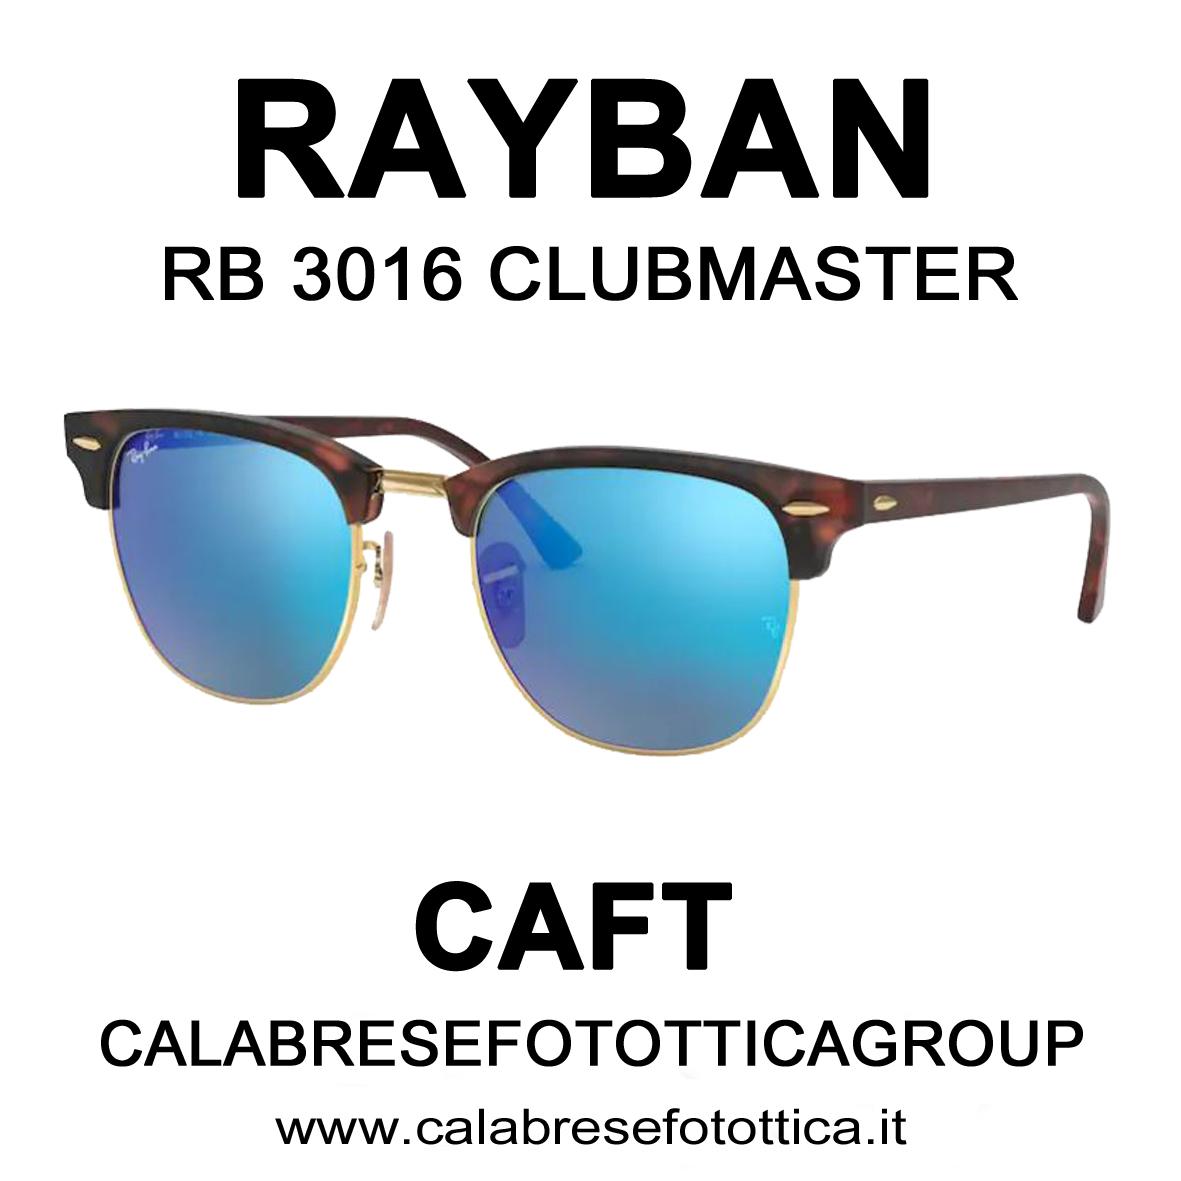 RAYBAN SOLE RB 3016 CLUBMASTER DA CAFT CALABRESE FOTOTTICA GROUP VIA EMILIA 68/72 SAN LAZZARO DI SAVENA